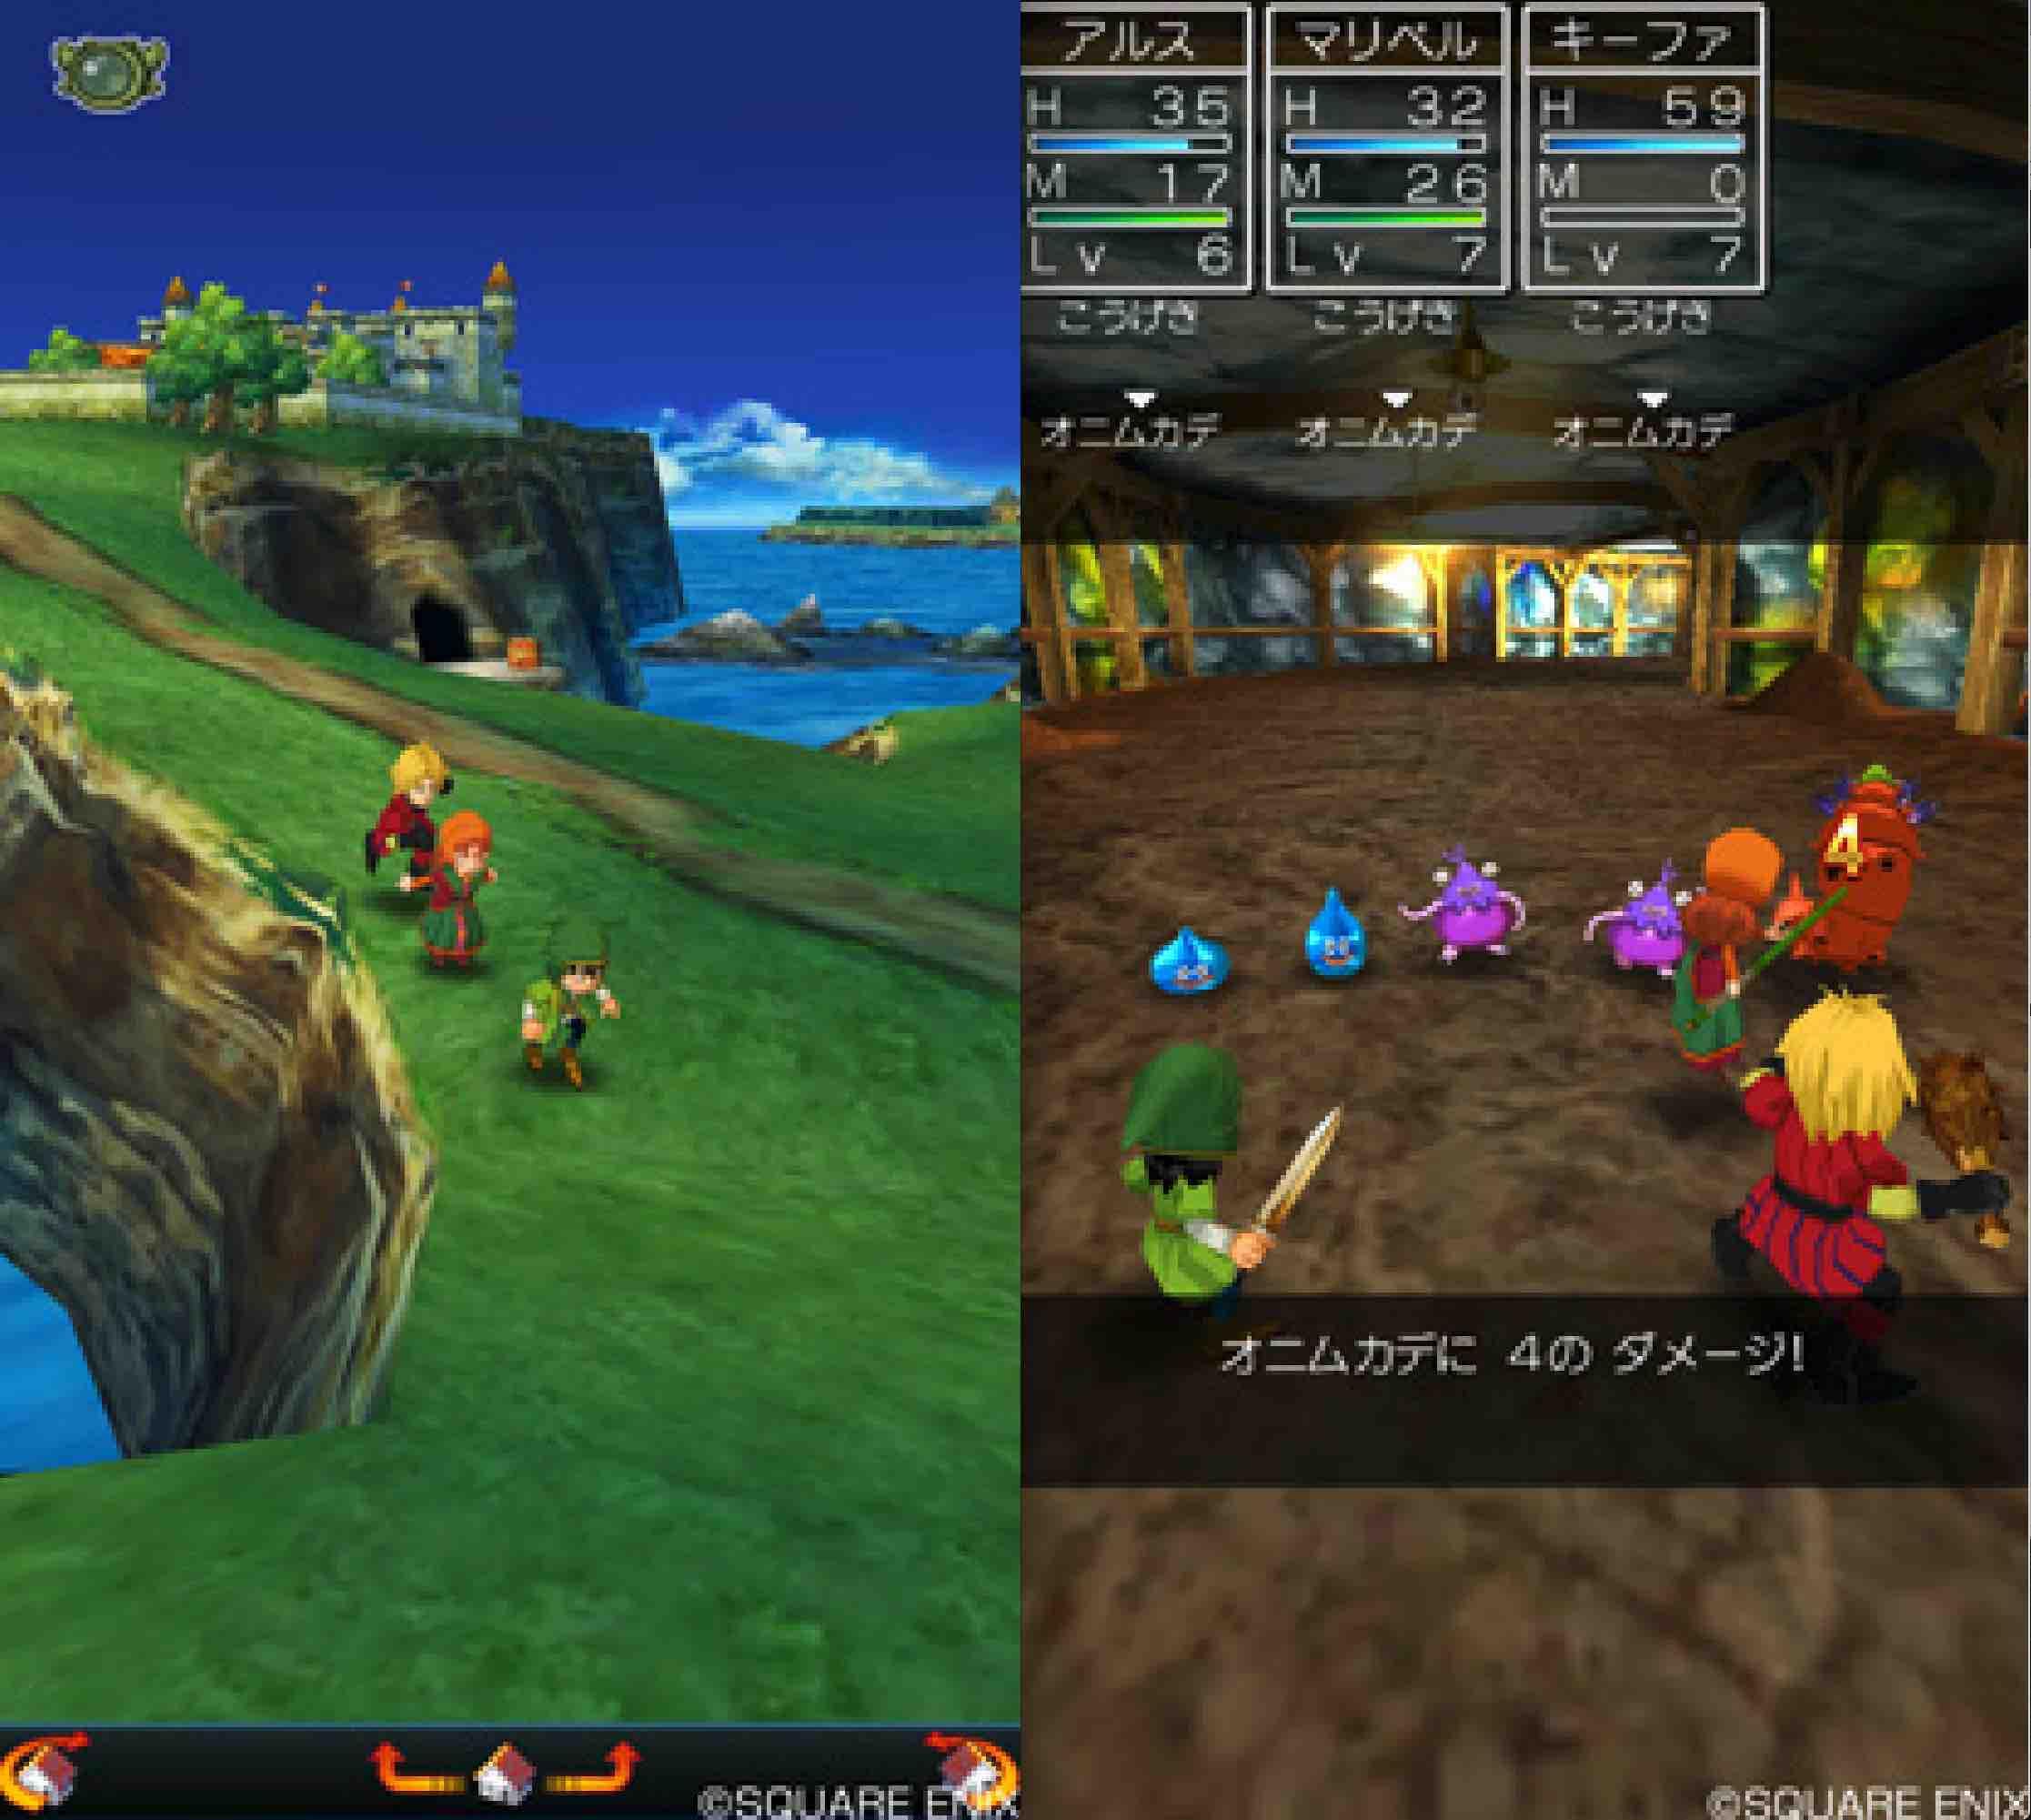 dragon quest 7 casino